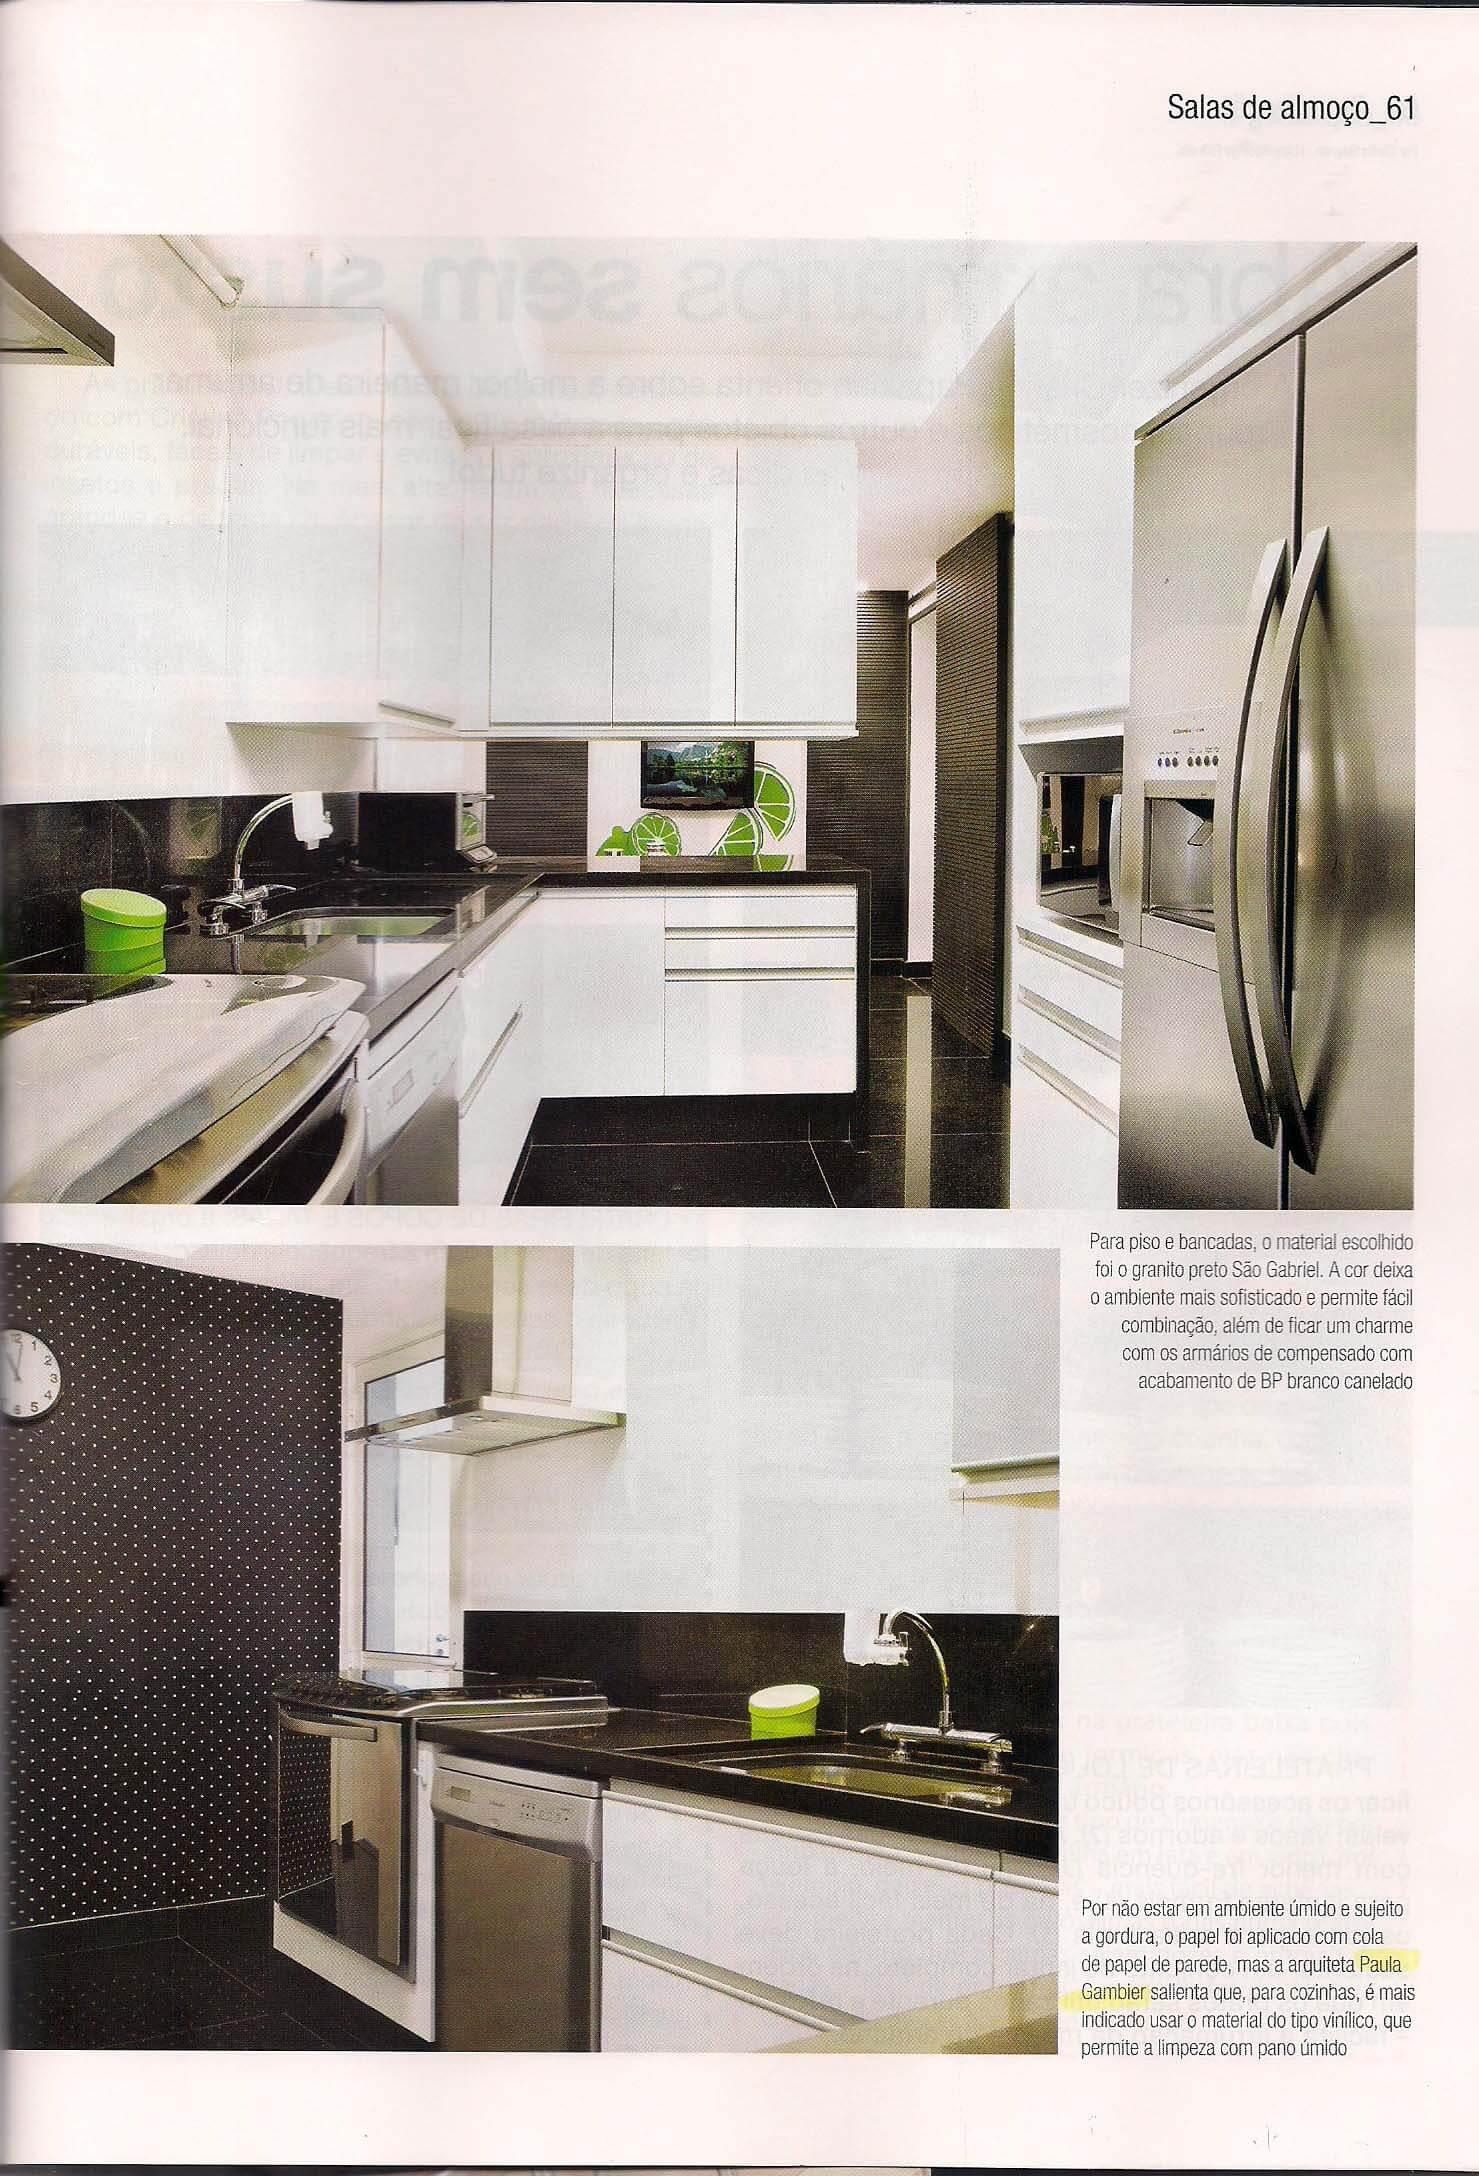 Cozinhas & Salas de Almoco - fev 2012 - 3